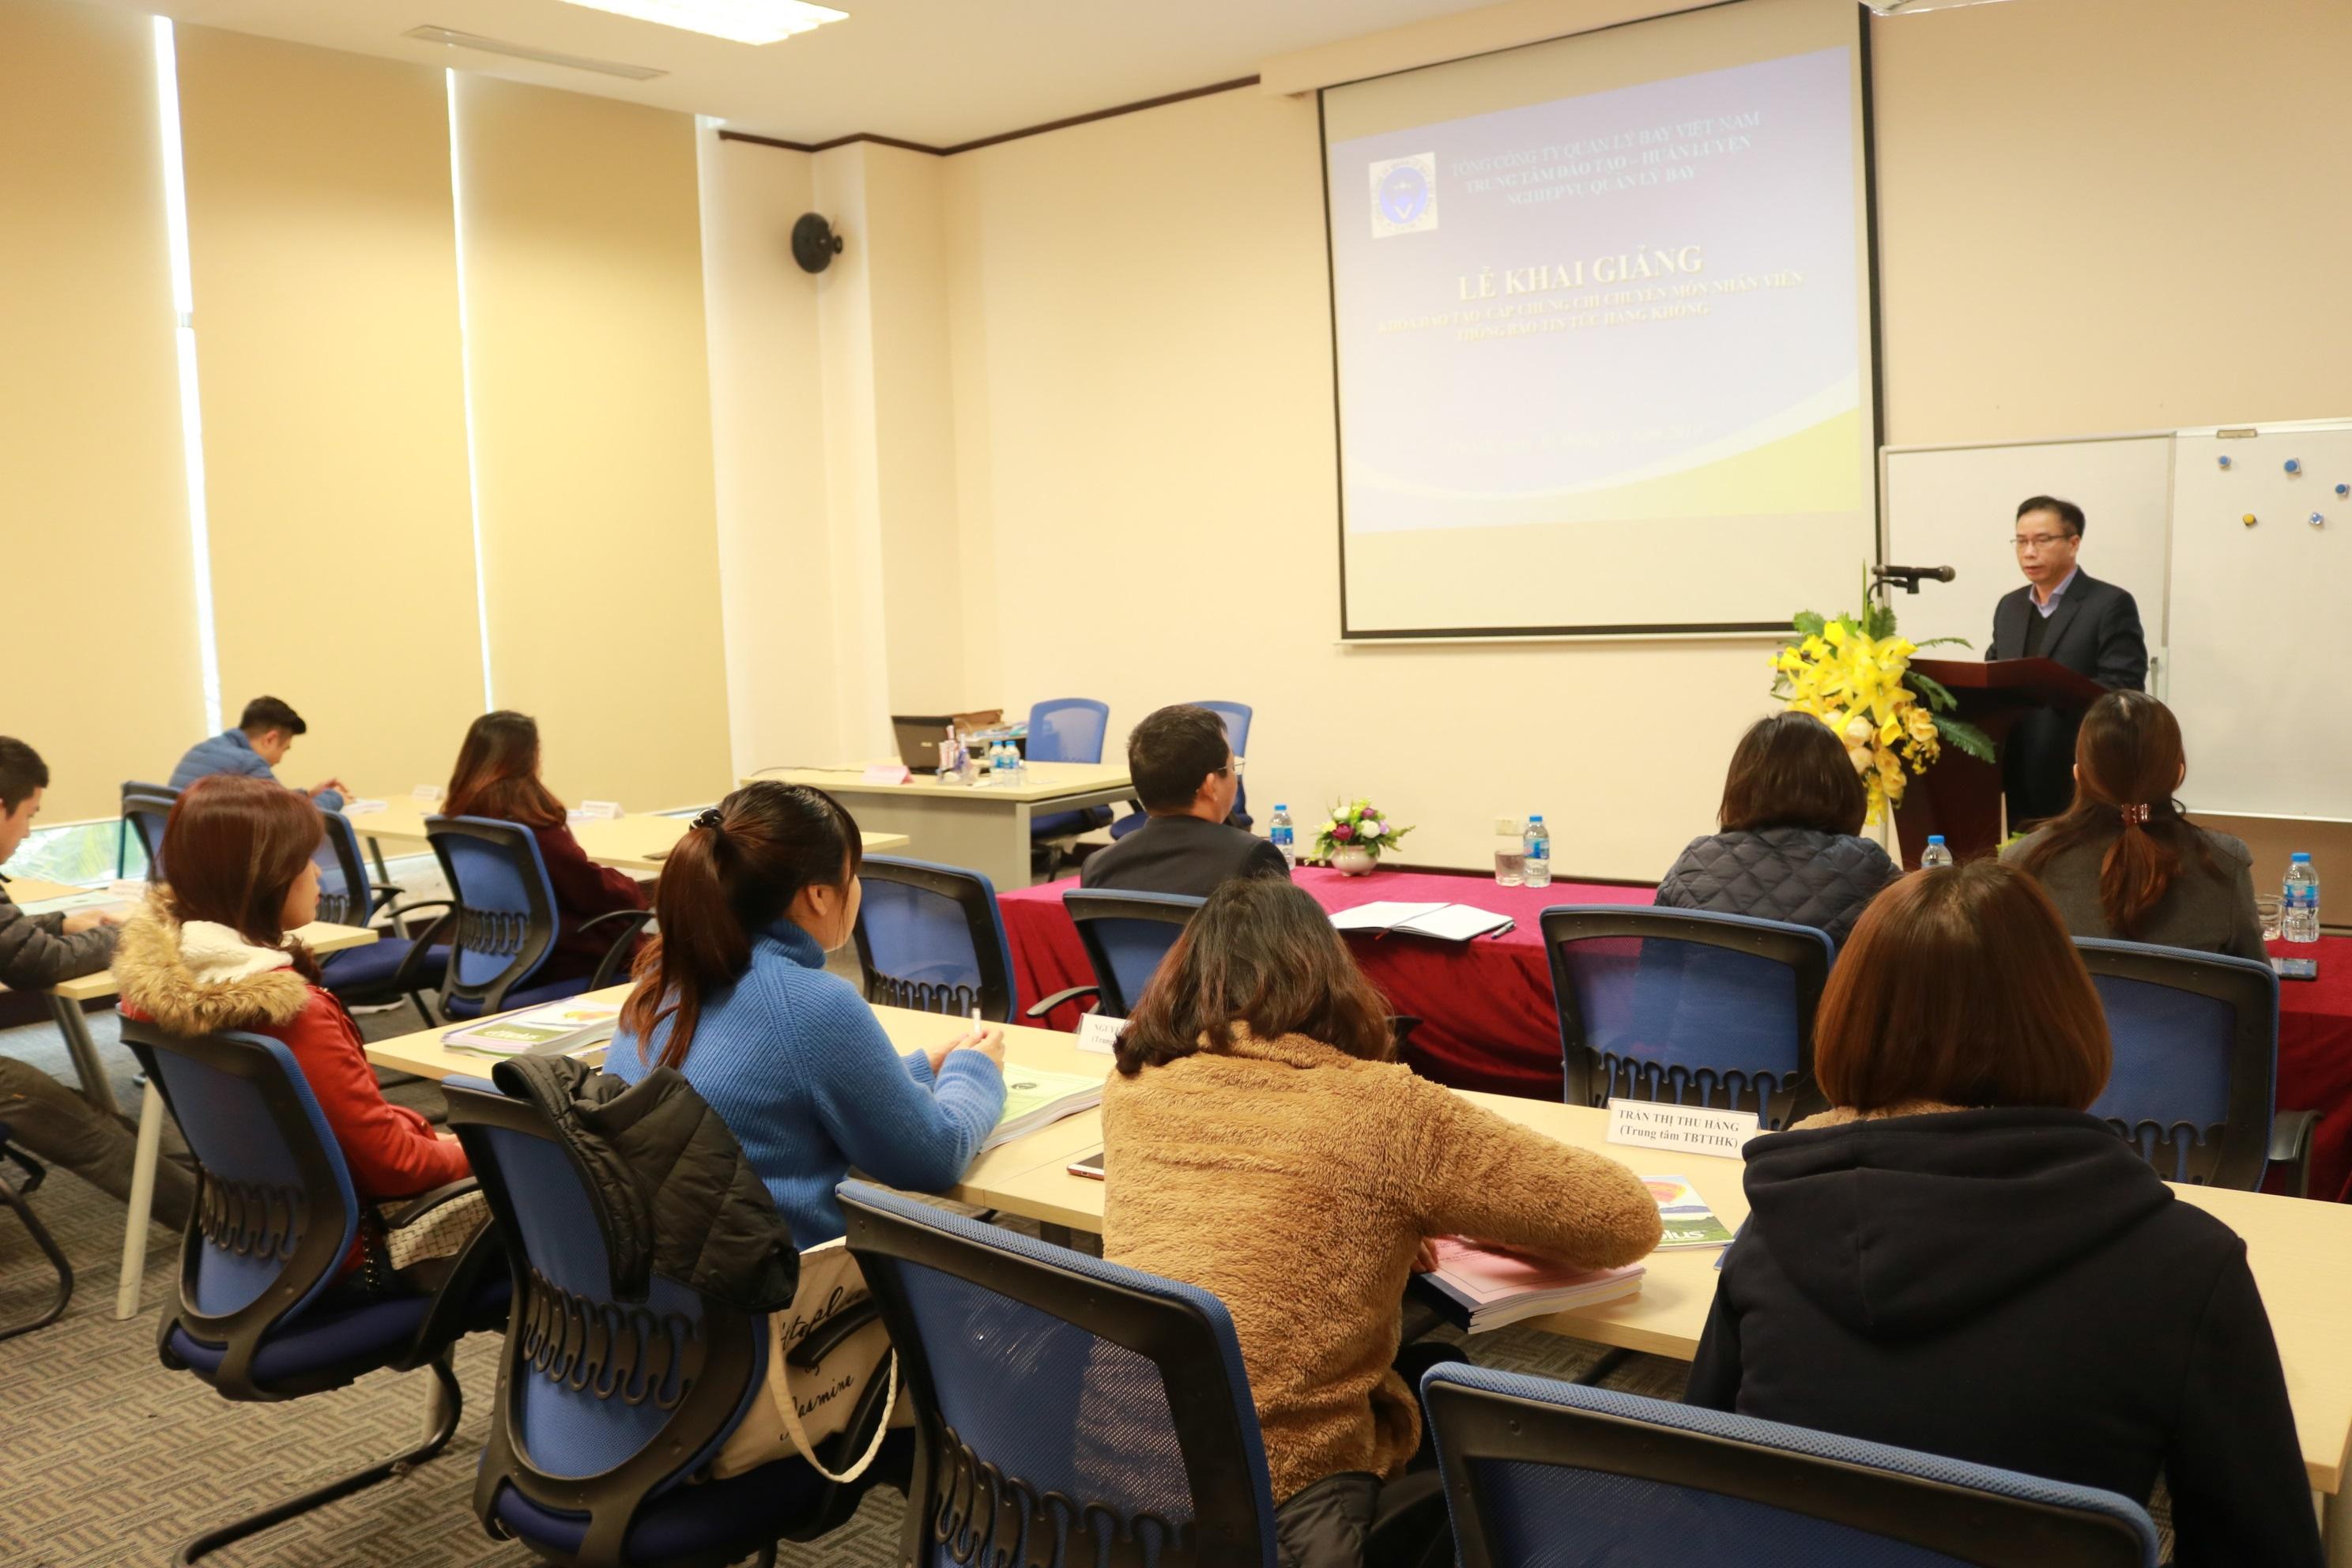 Trung tâm Đào tạo - Huấn luyện tiếp tục tổ chức đào tạo cấp chứng chỉ chuyên môn cho nhân viên Thông báo tin tức hàng không